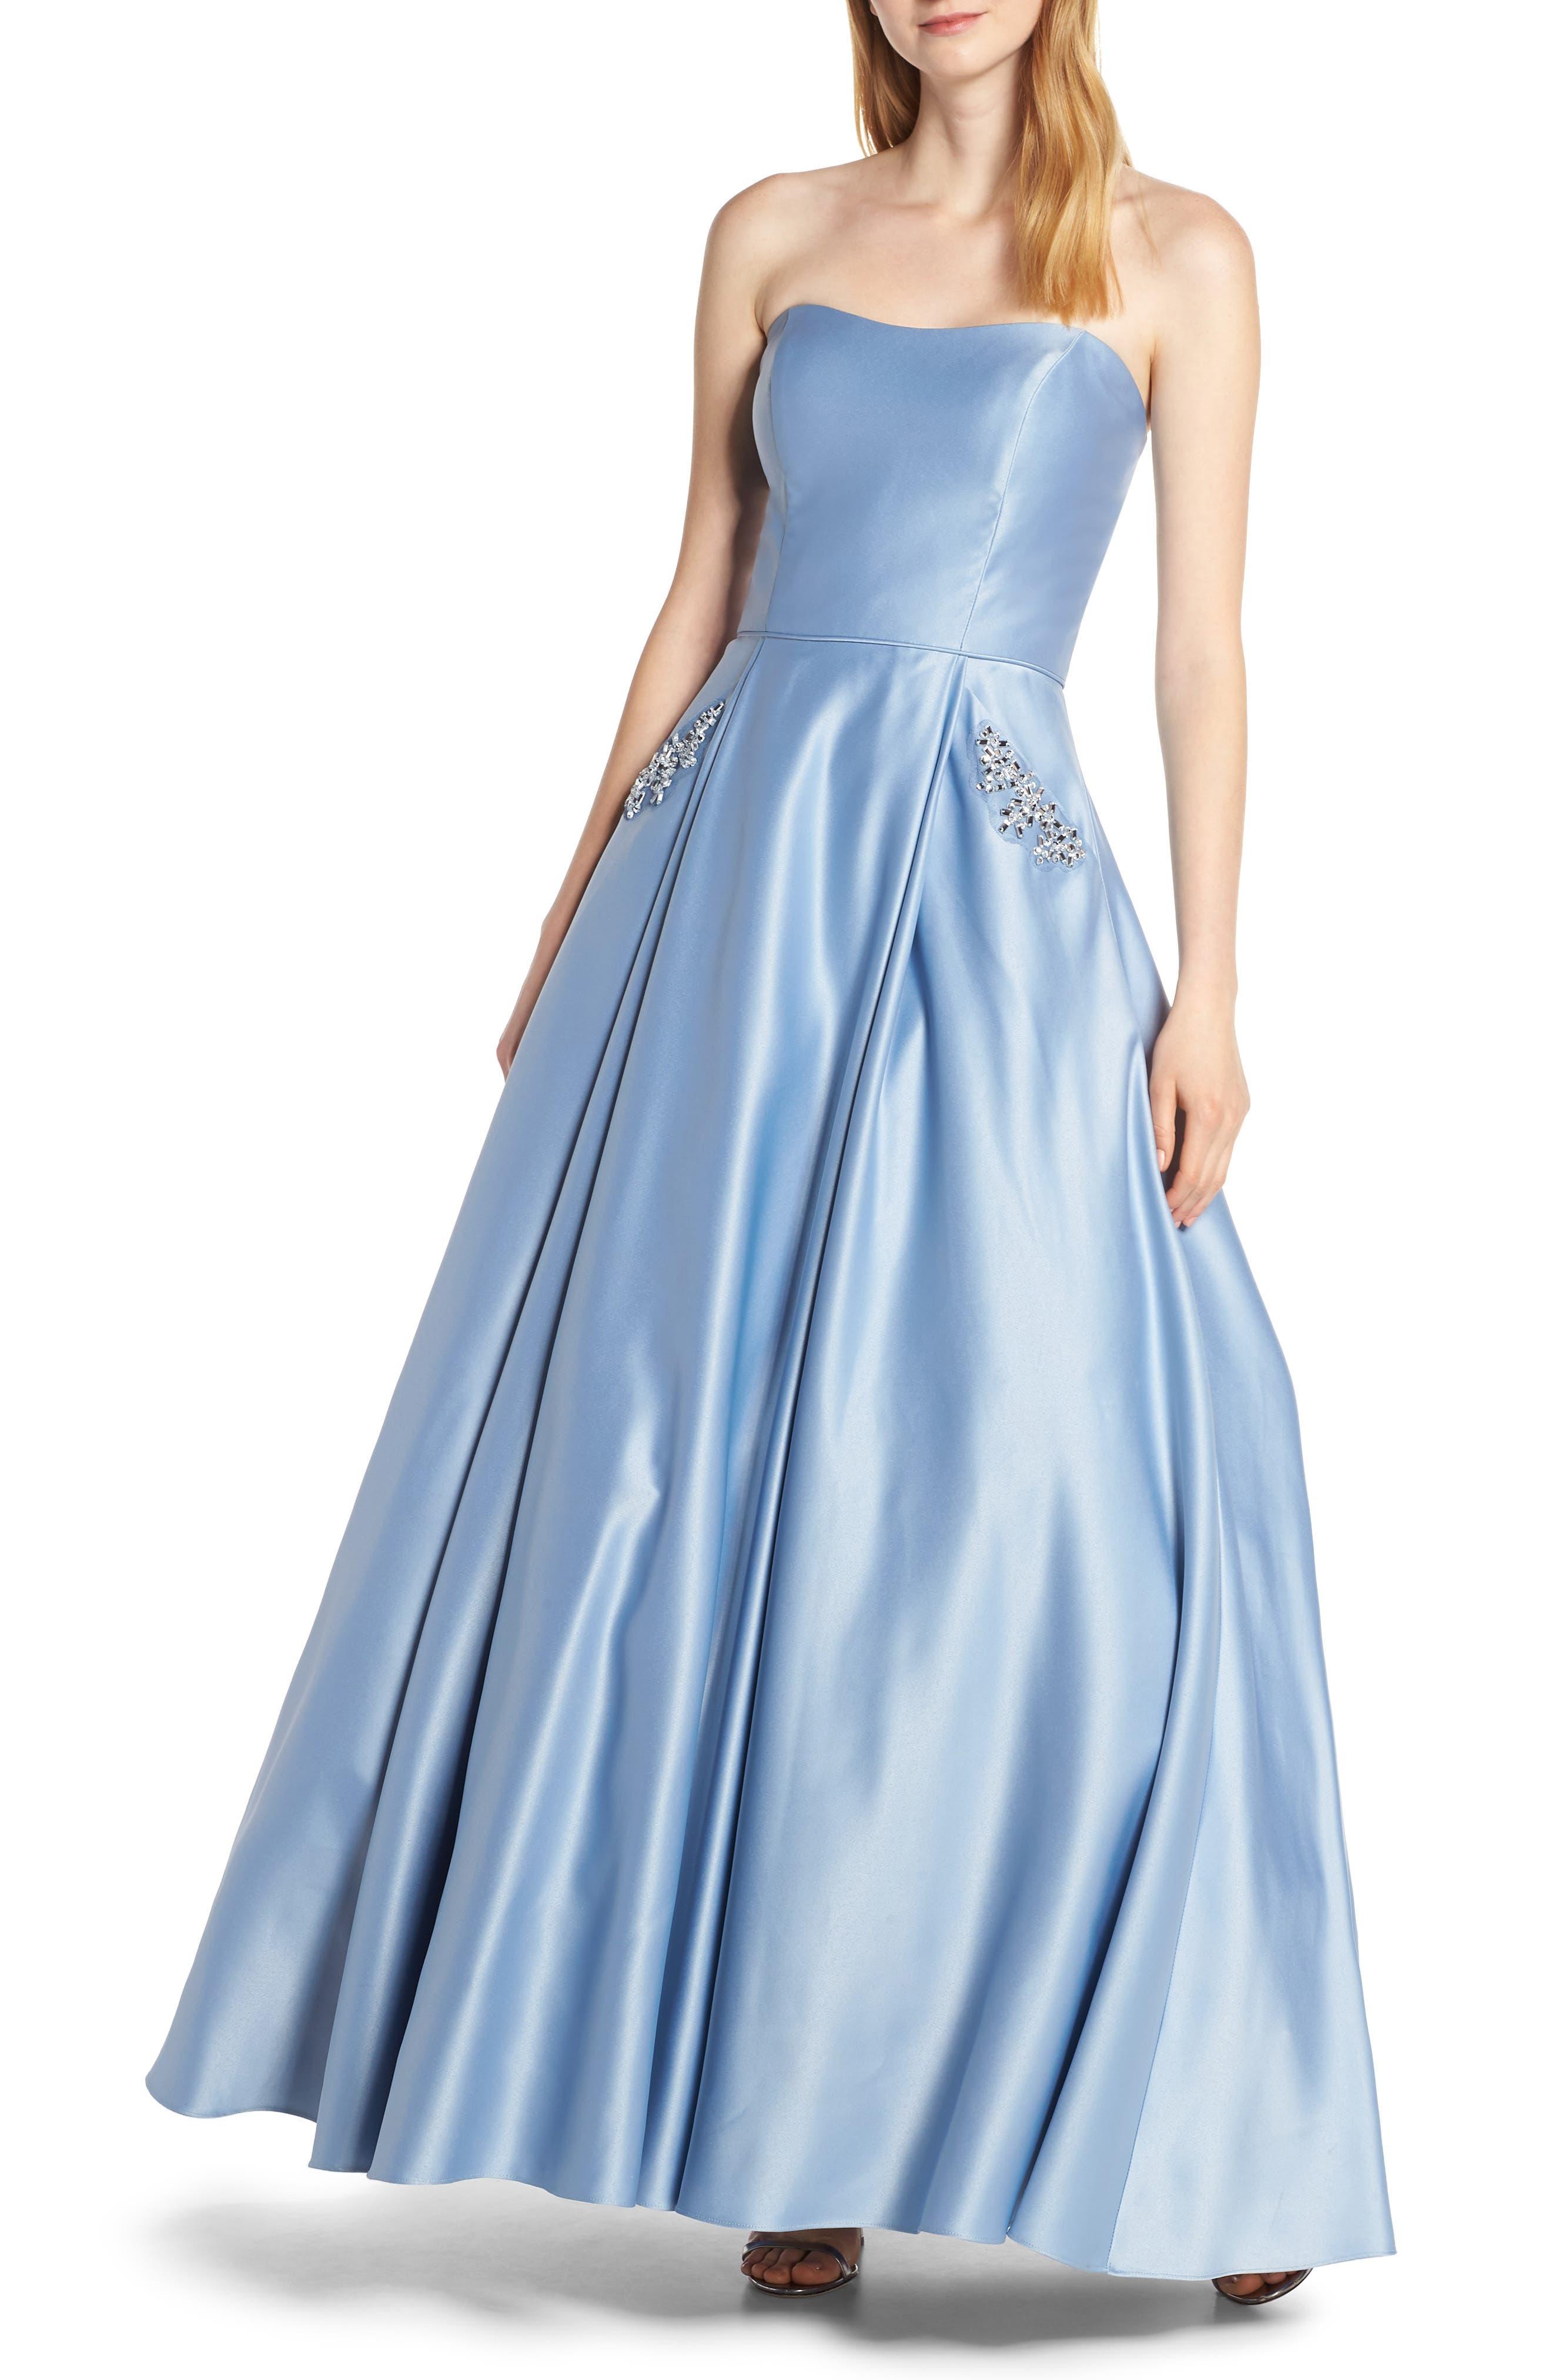 Blondie Nites Strapless Embellished Pocket Satin Evening Dress